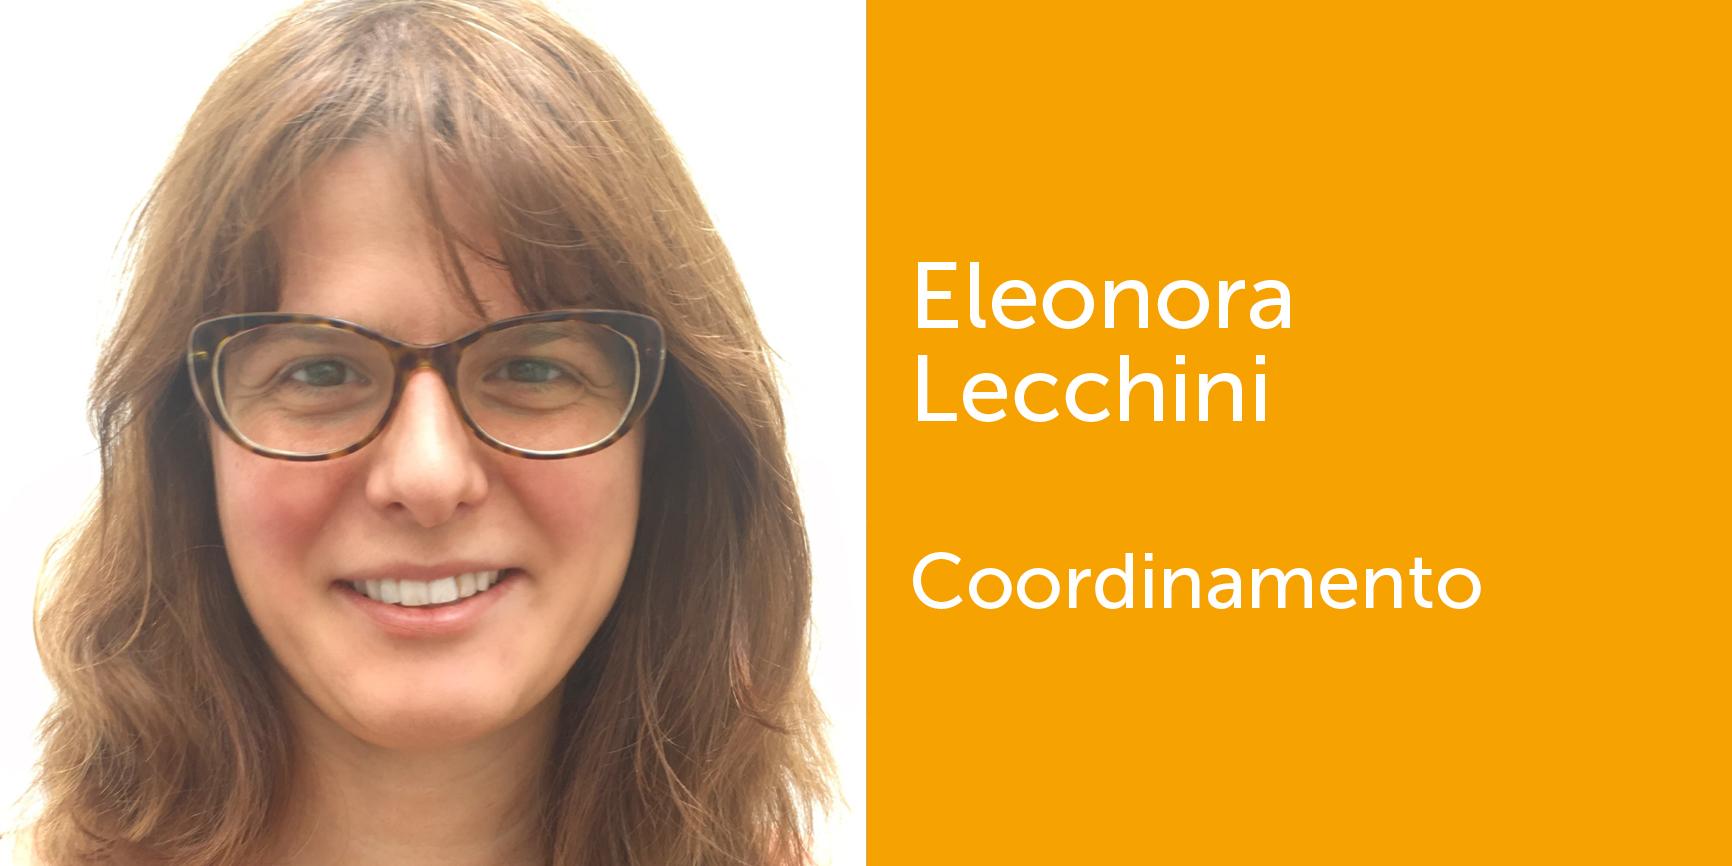 Eleonora Lecchini - Coordinamento